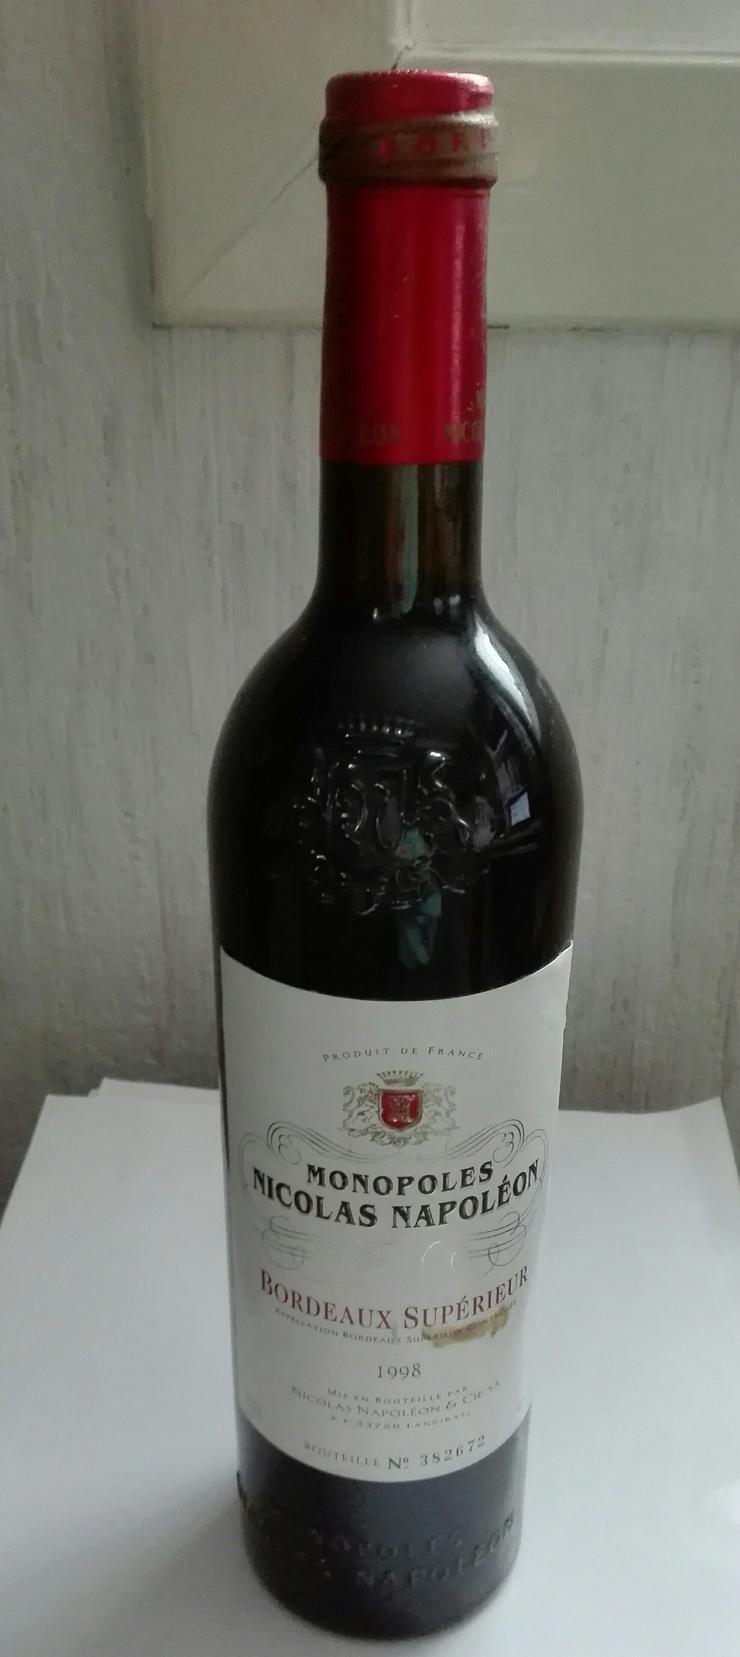 Weinflasche Monopoles Nicolas Napoleon 1998 Bordeaux Superieur